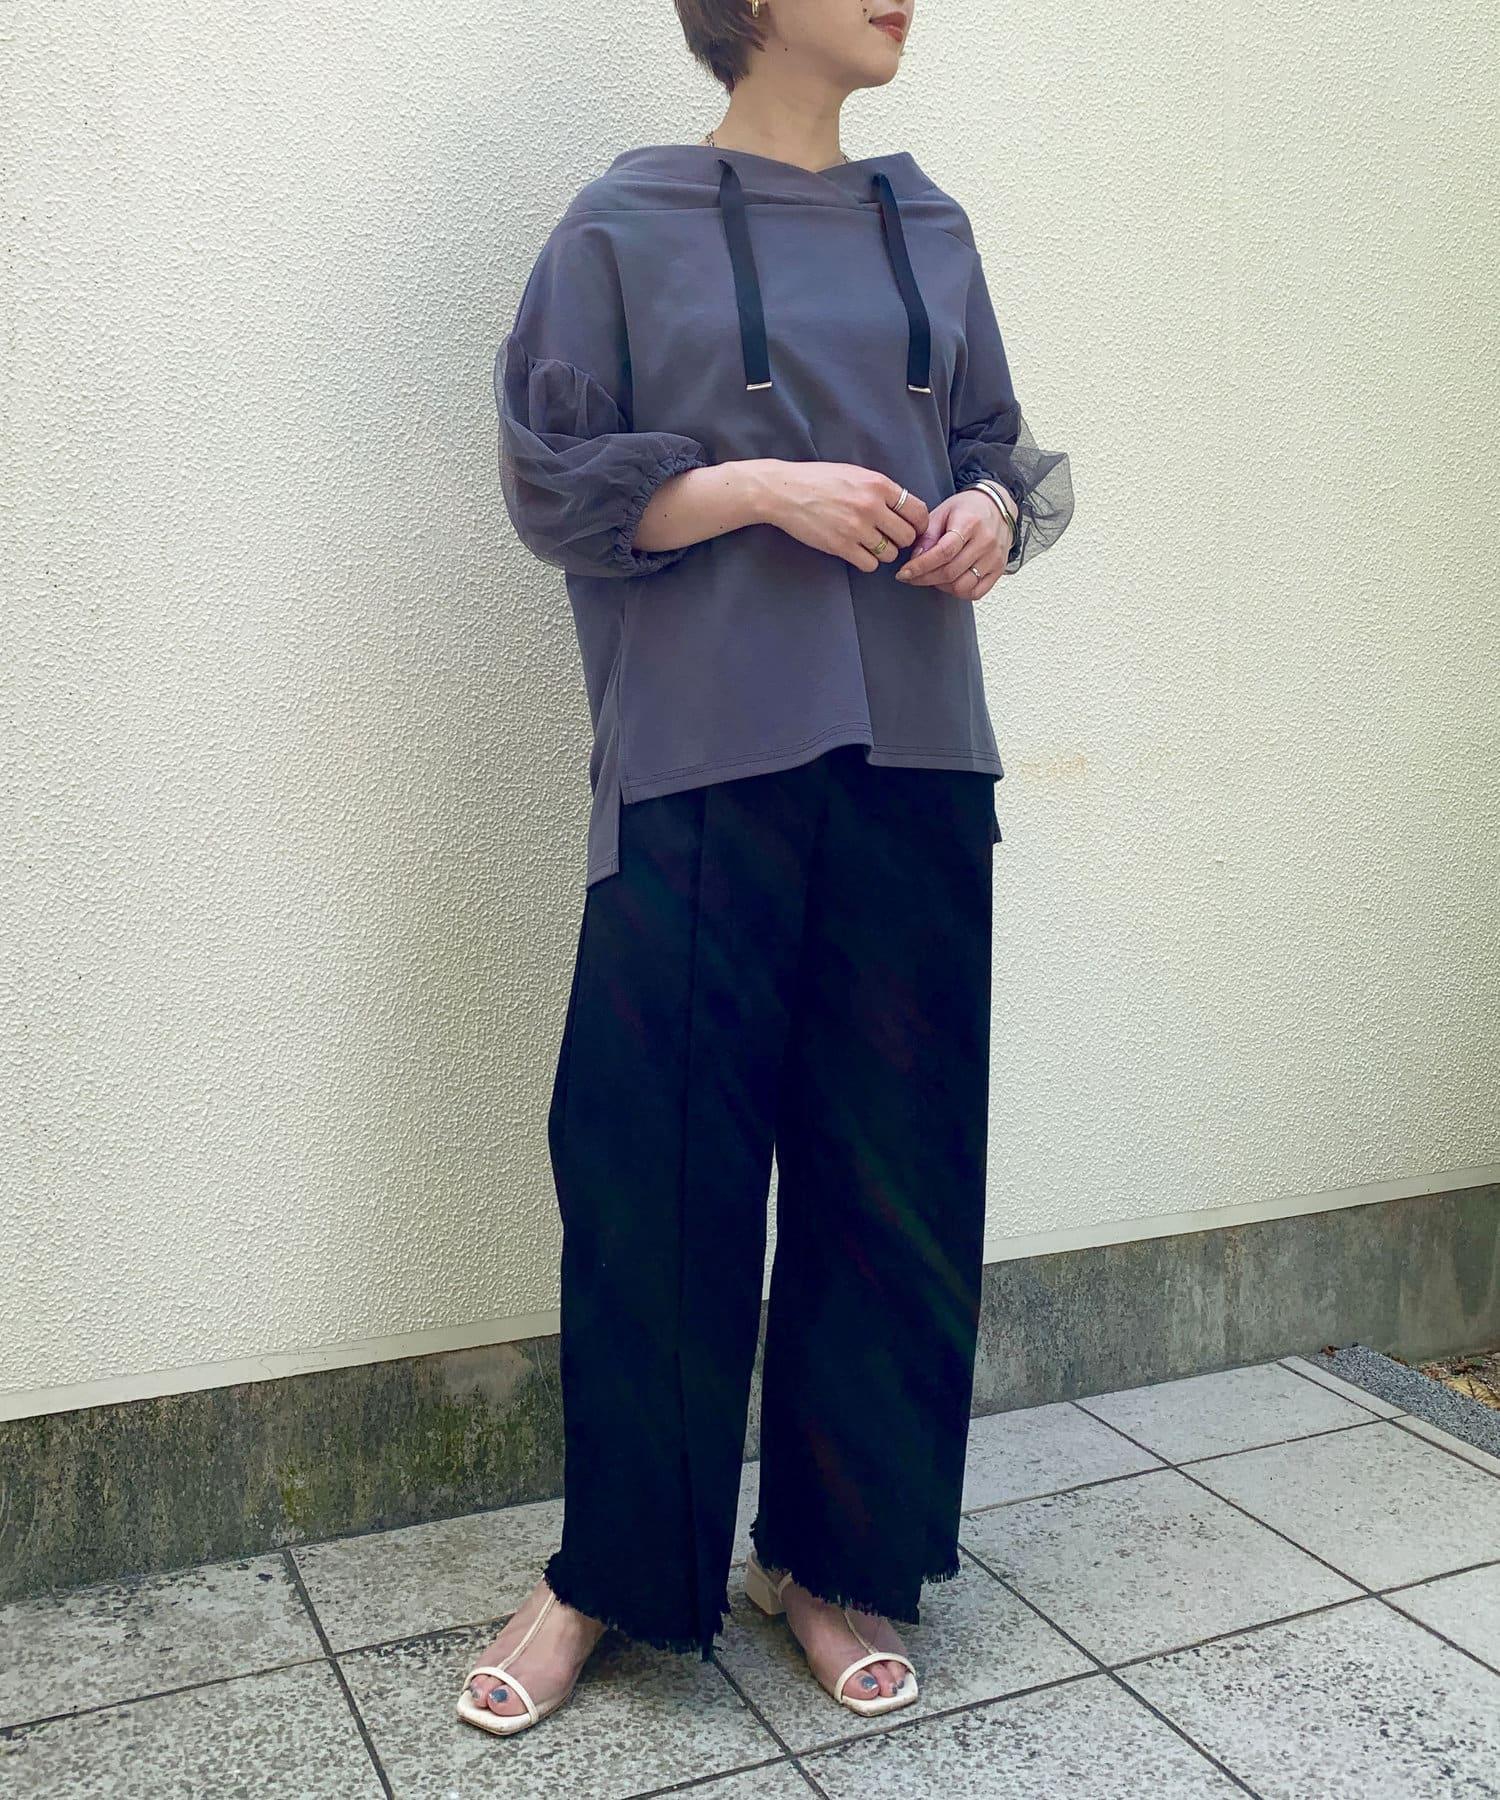 Thevon(ゼヴォン) 【WEB限定】フード見えチュール7分袖プルオーバー